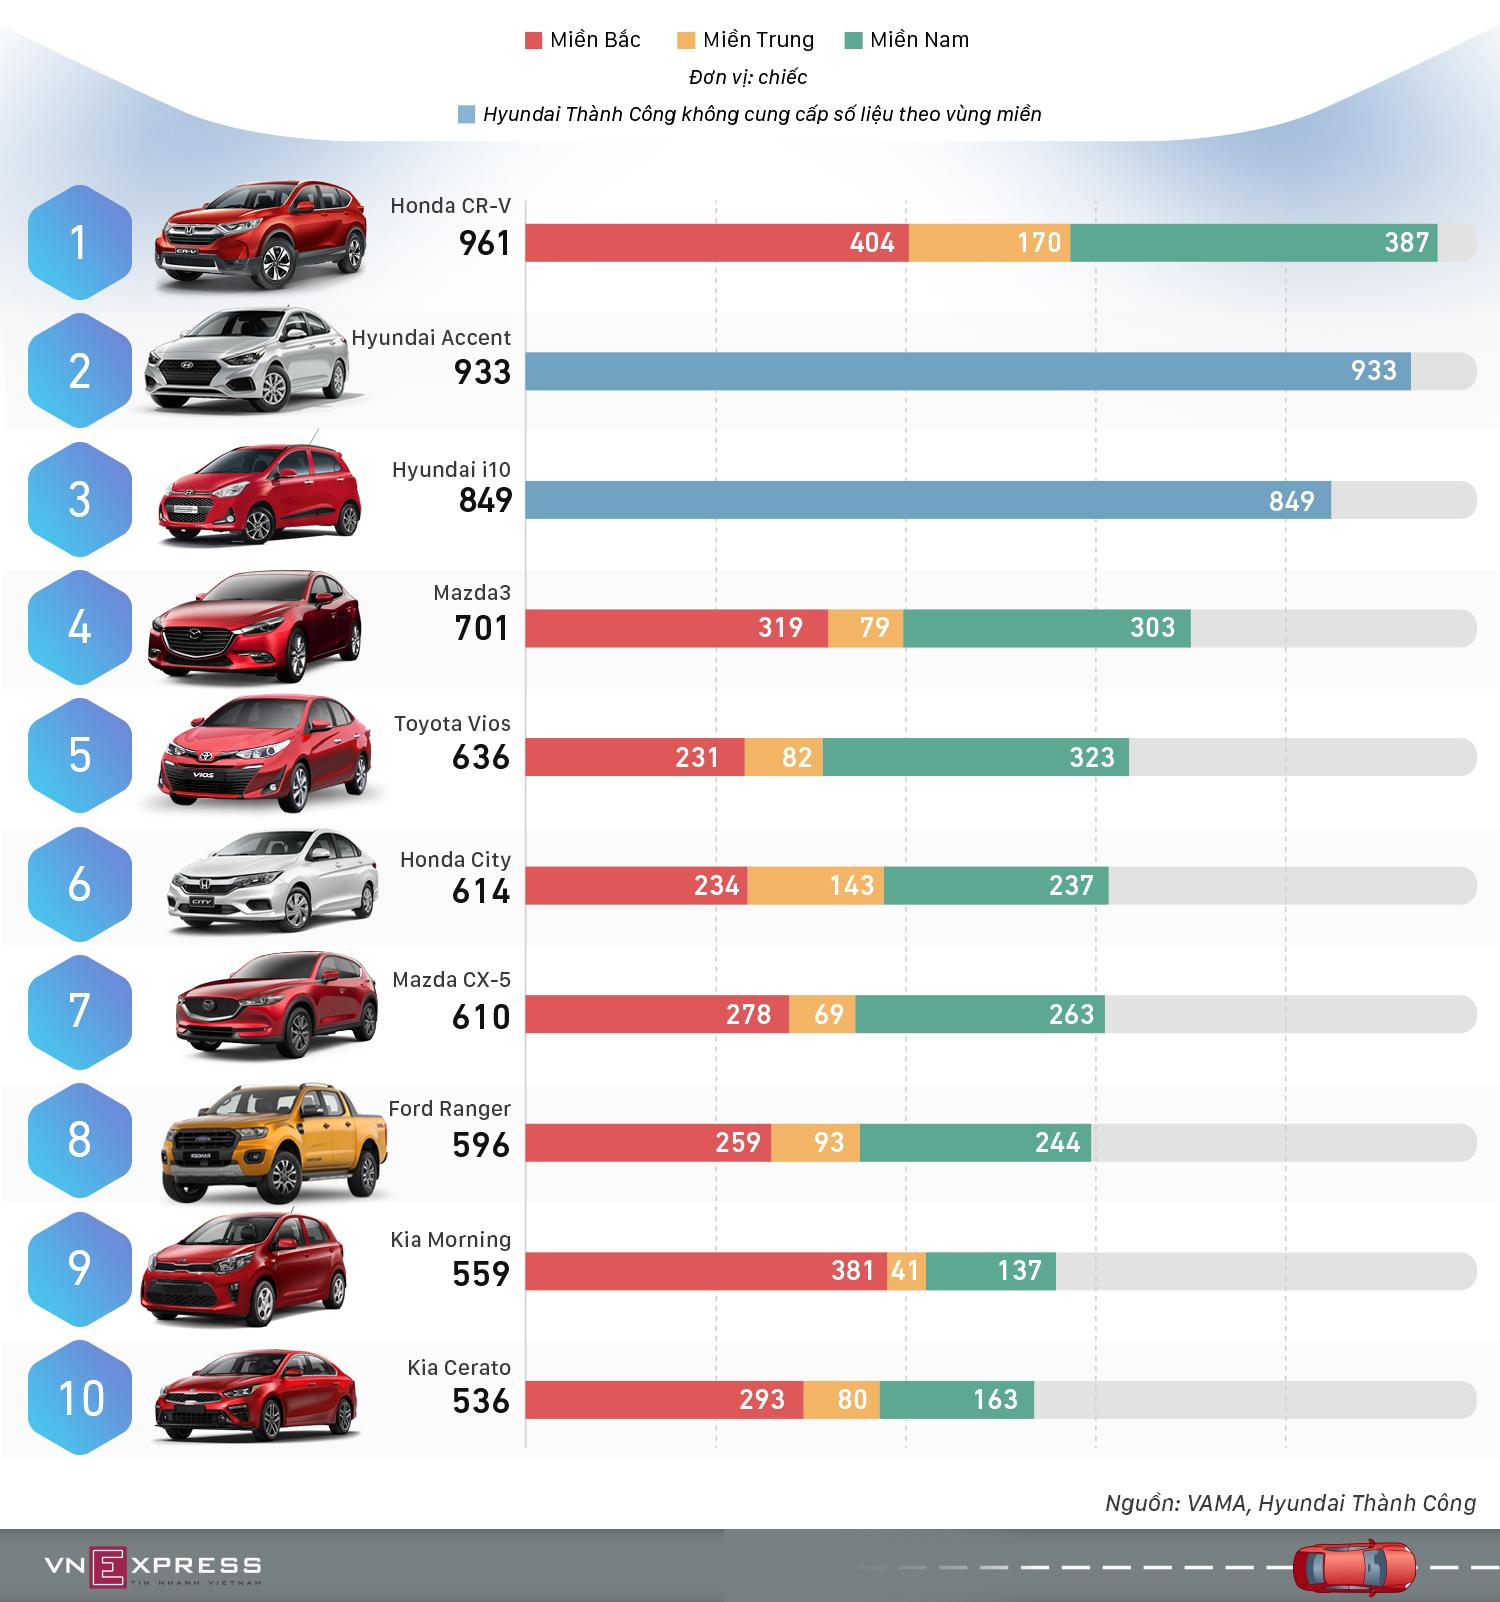 10 ôtô bán chạy nhất tháng 2 - CR-V giữ đỉnh bảng, Vios thất thế